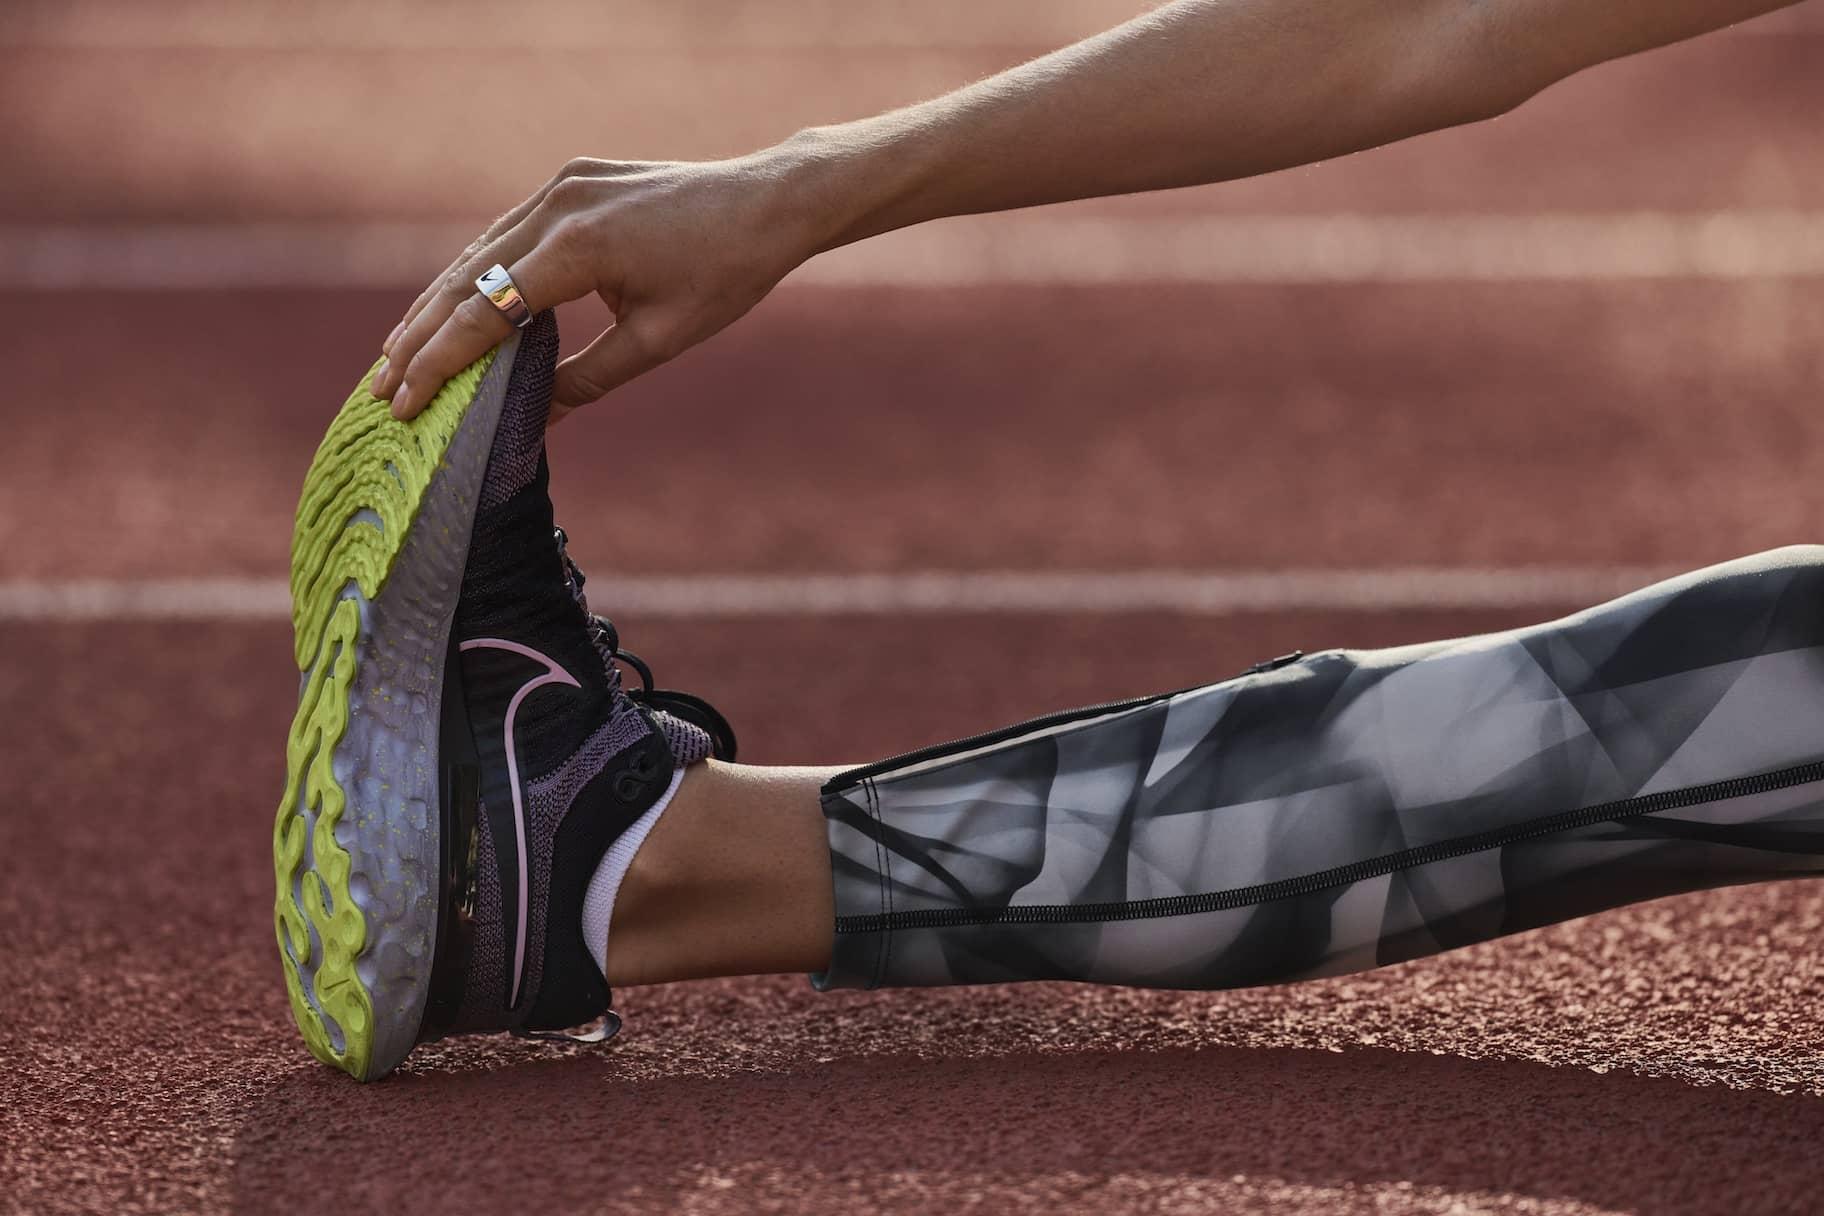 Comment de bonnes chaussures de running peuvent-elles vous aider à éviter la périostite tibiale?